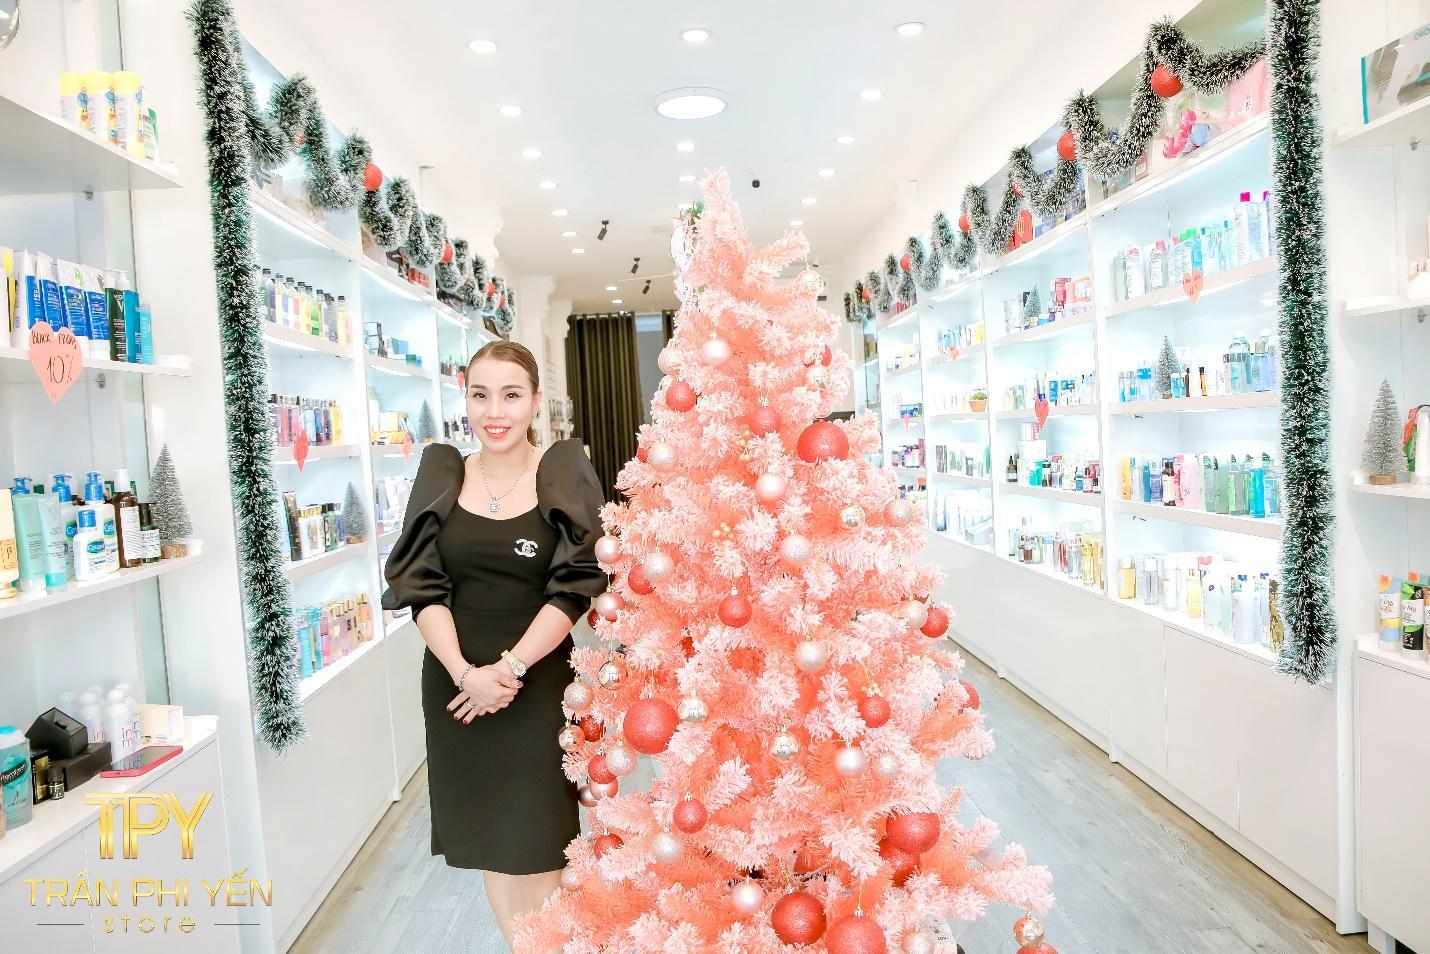 Trần Phi Yến Store – Shop thời trang, mỹ phẩm quen thuộc của phái đẹp Đồng Nai - Ảnh 2